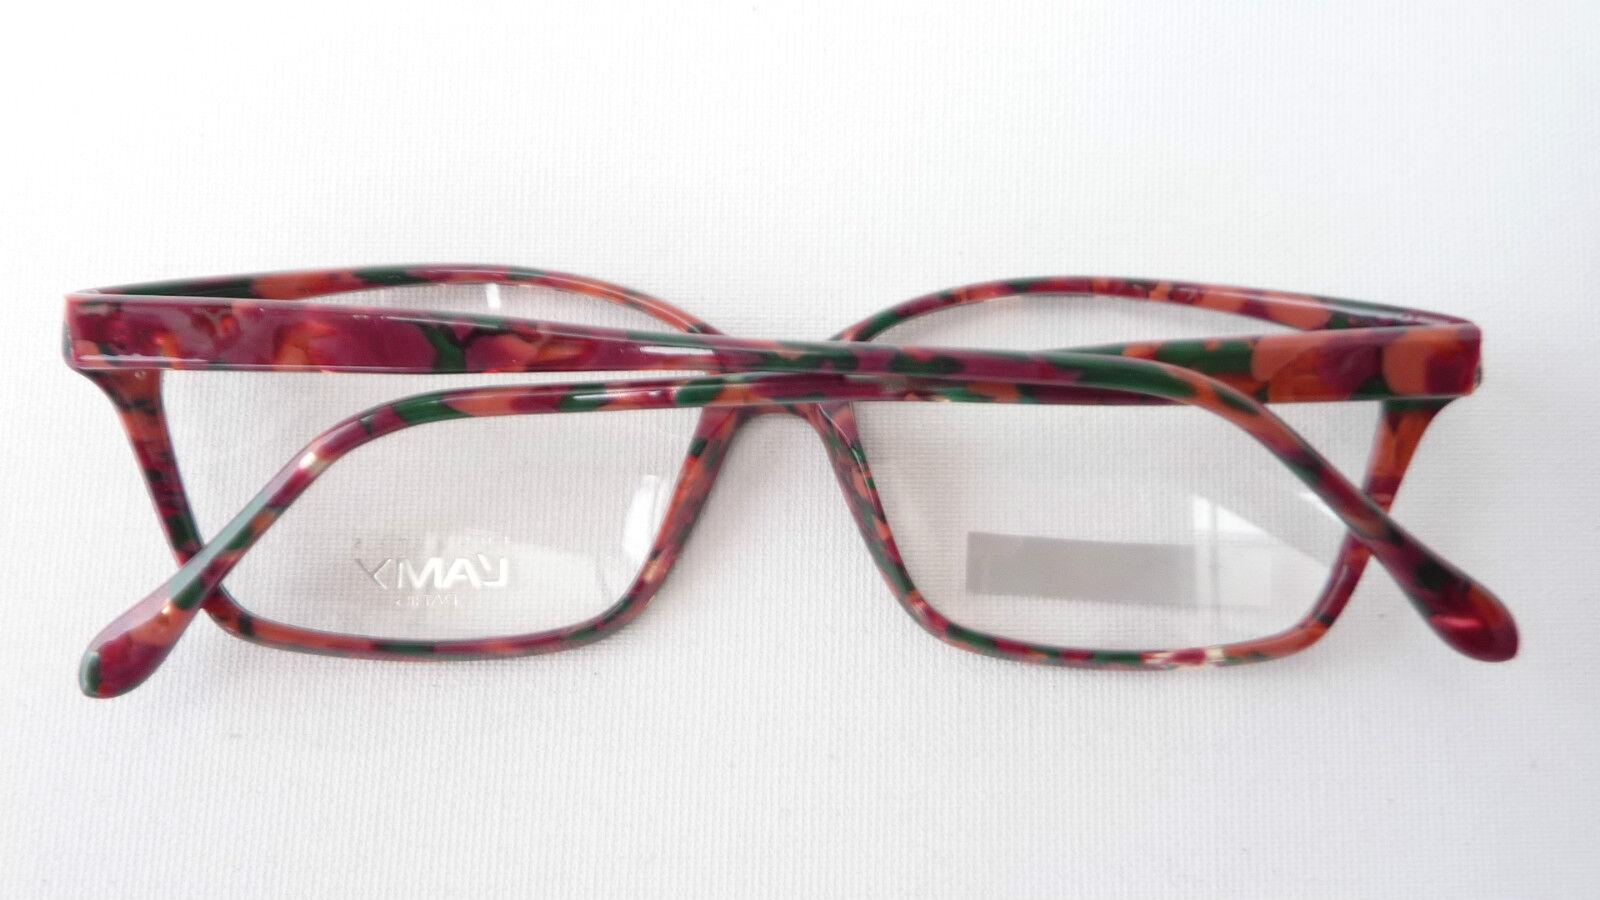 Damen-accessoires Brillenfassungen Humorvoll Vintagegestell Brillenfassung Damen Brille Butterfly Dunkel Marmoriert Grösse L